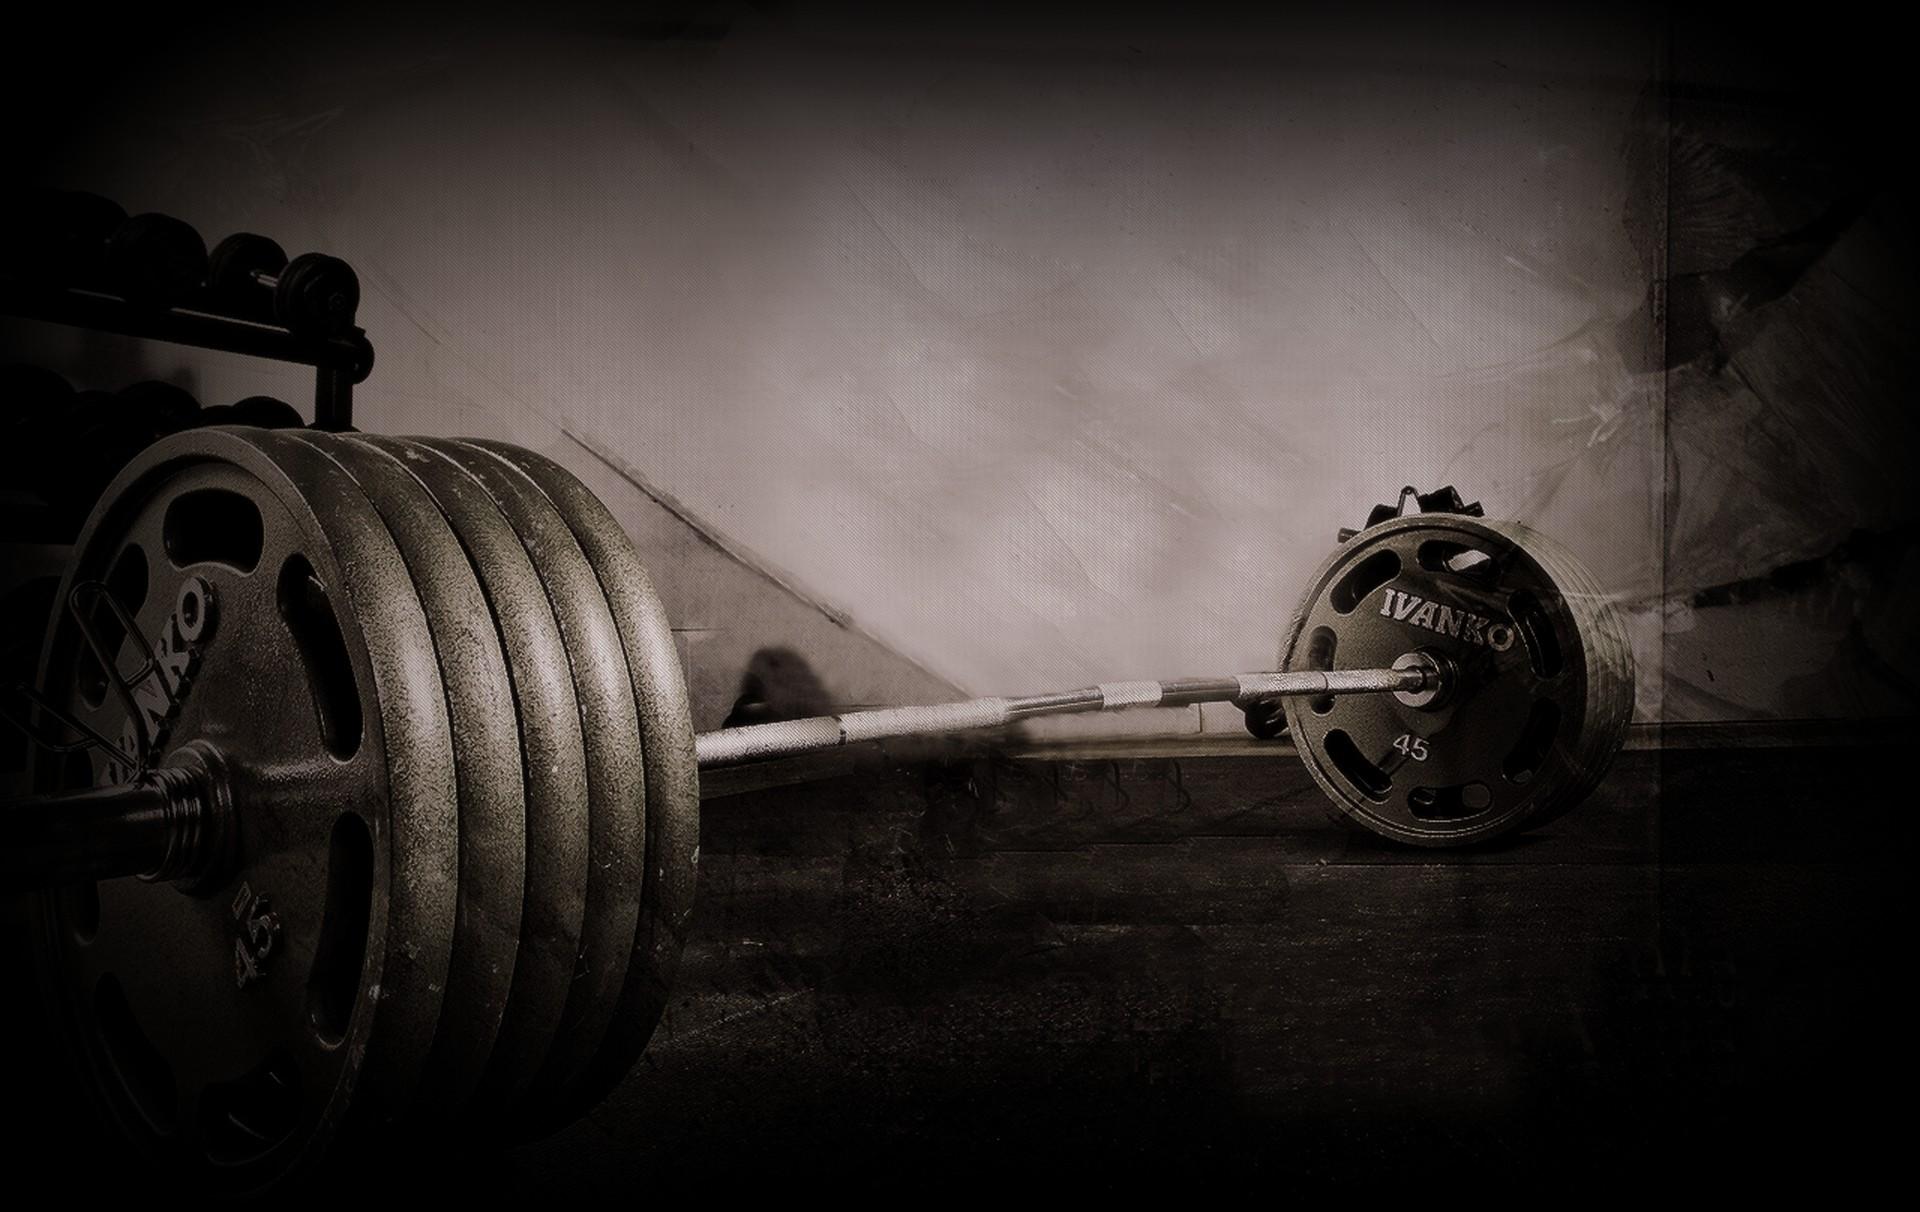 weight-lifting-wallpaperweight-bar-workout-hd-wallpaper-of-